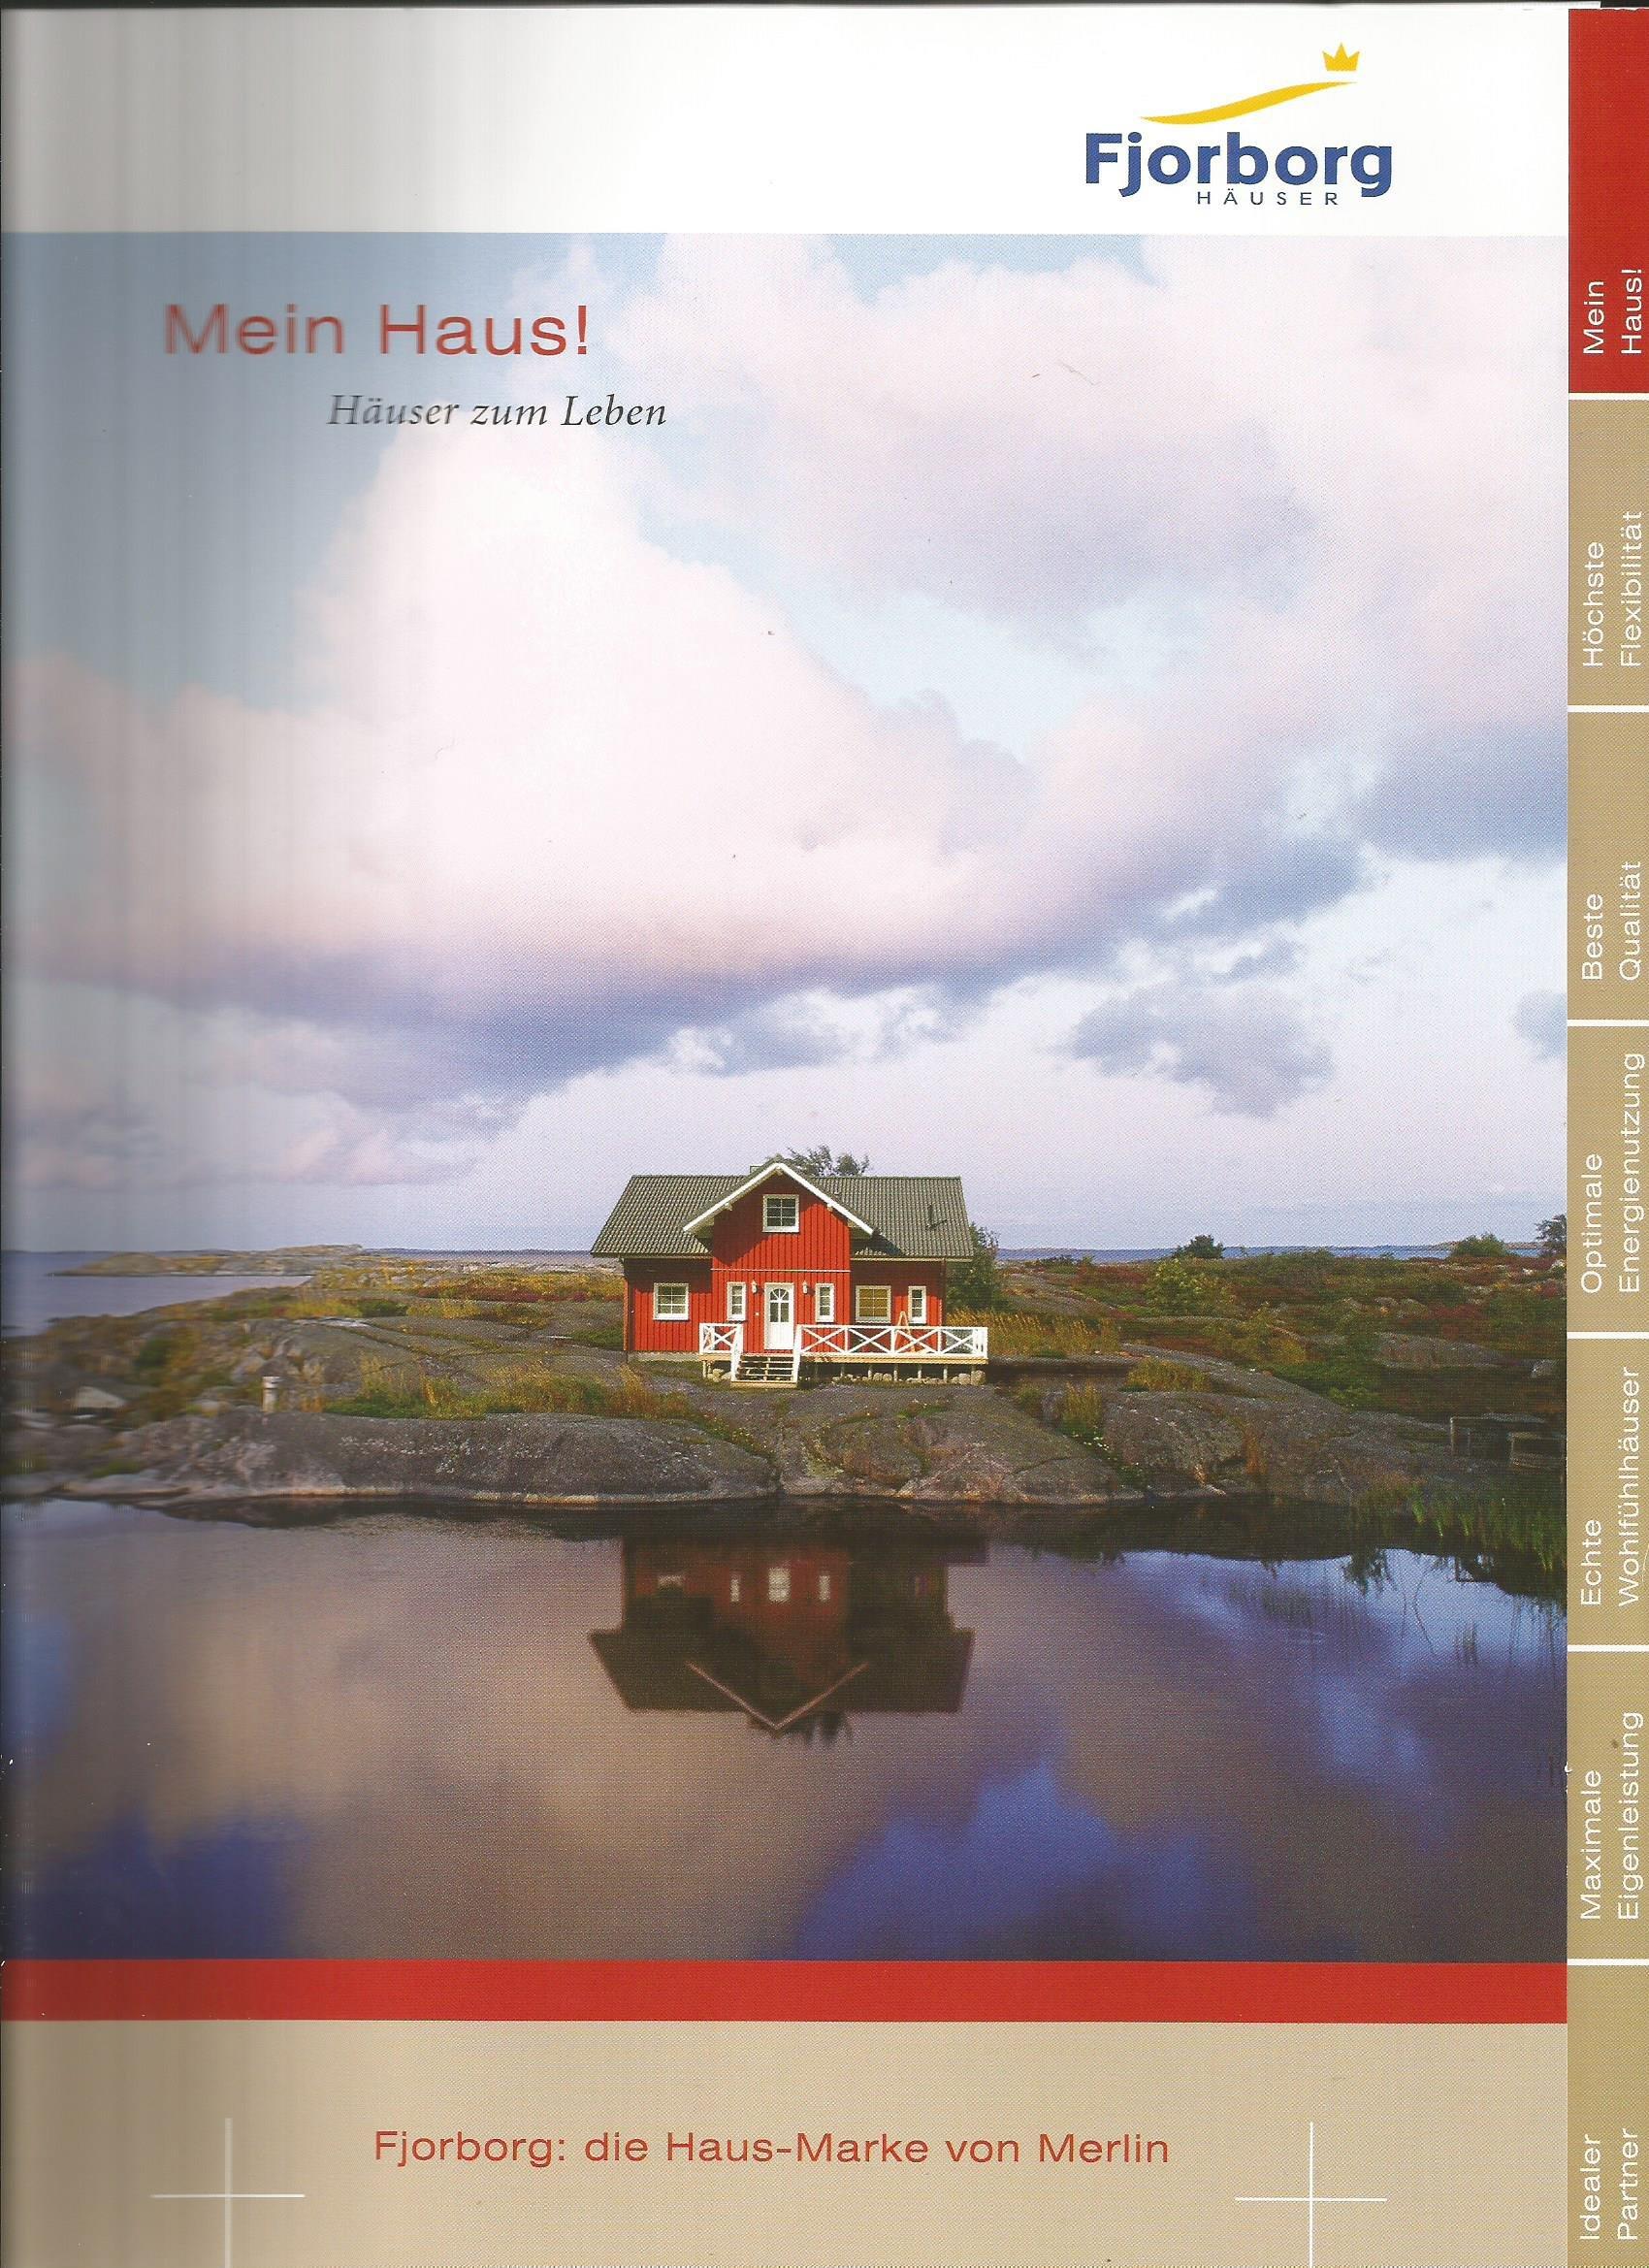 Fjorborg Haus